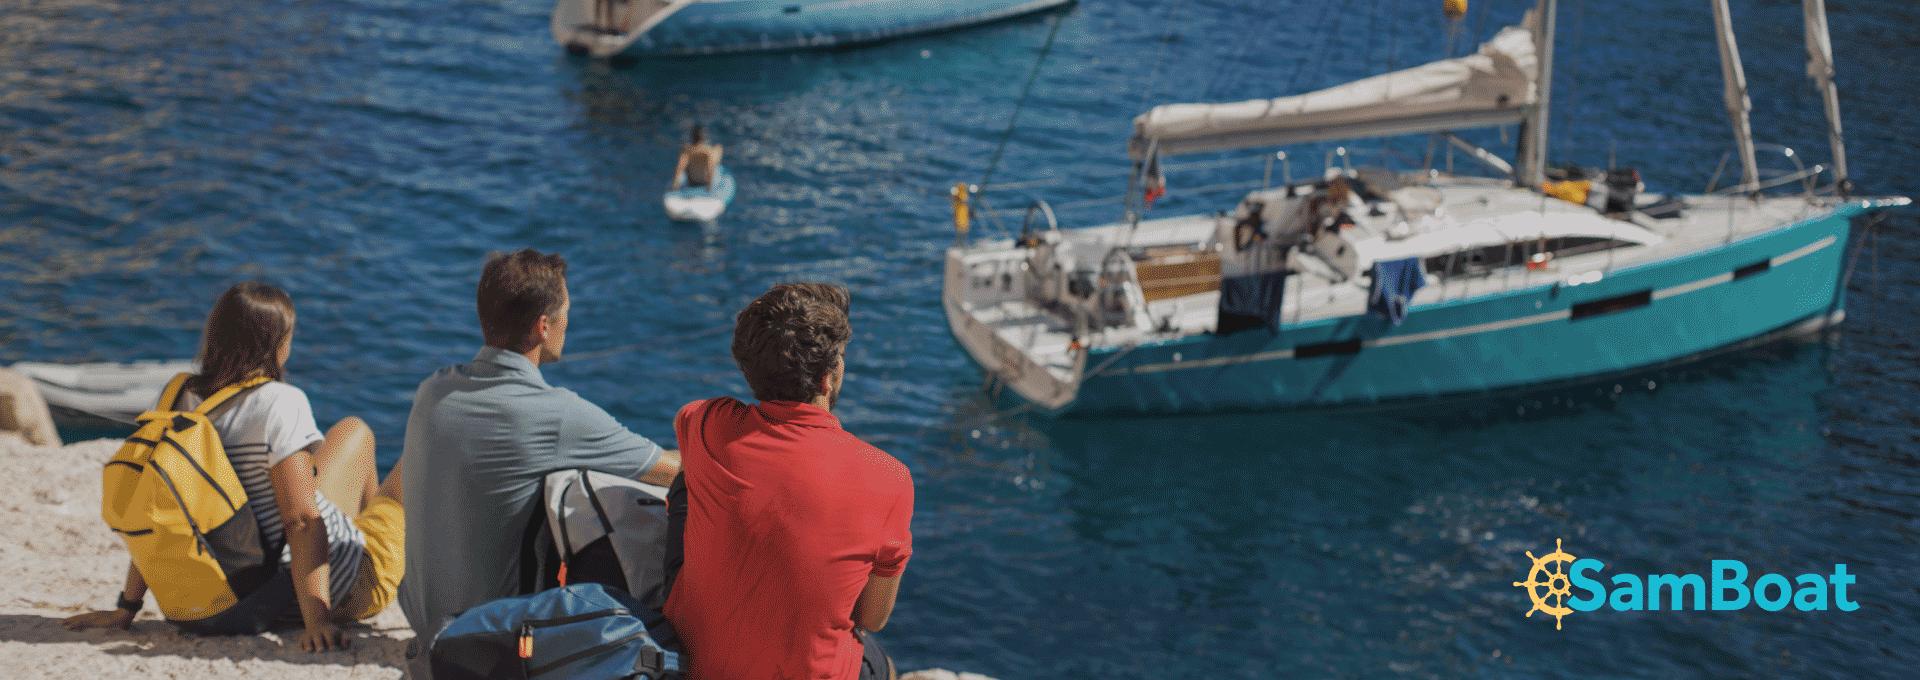 """Samboat""""banner-tribord-hp""""border=""""0"""""""